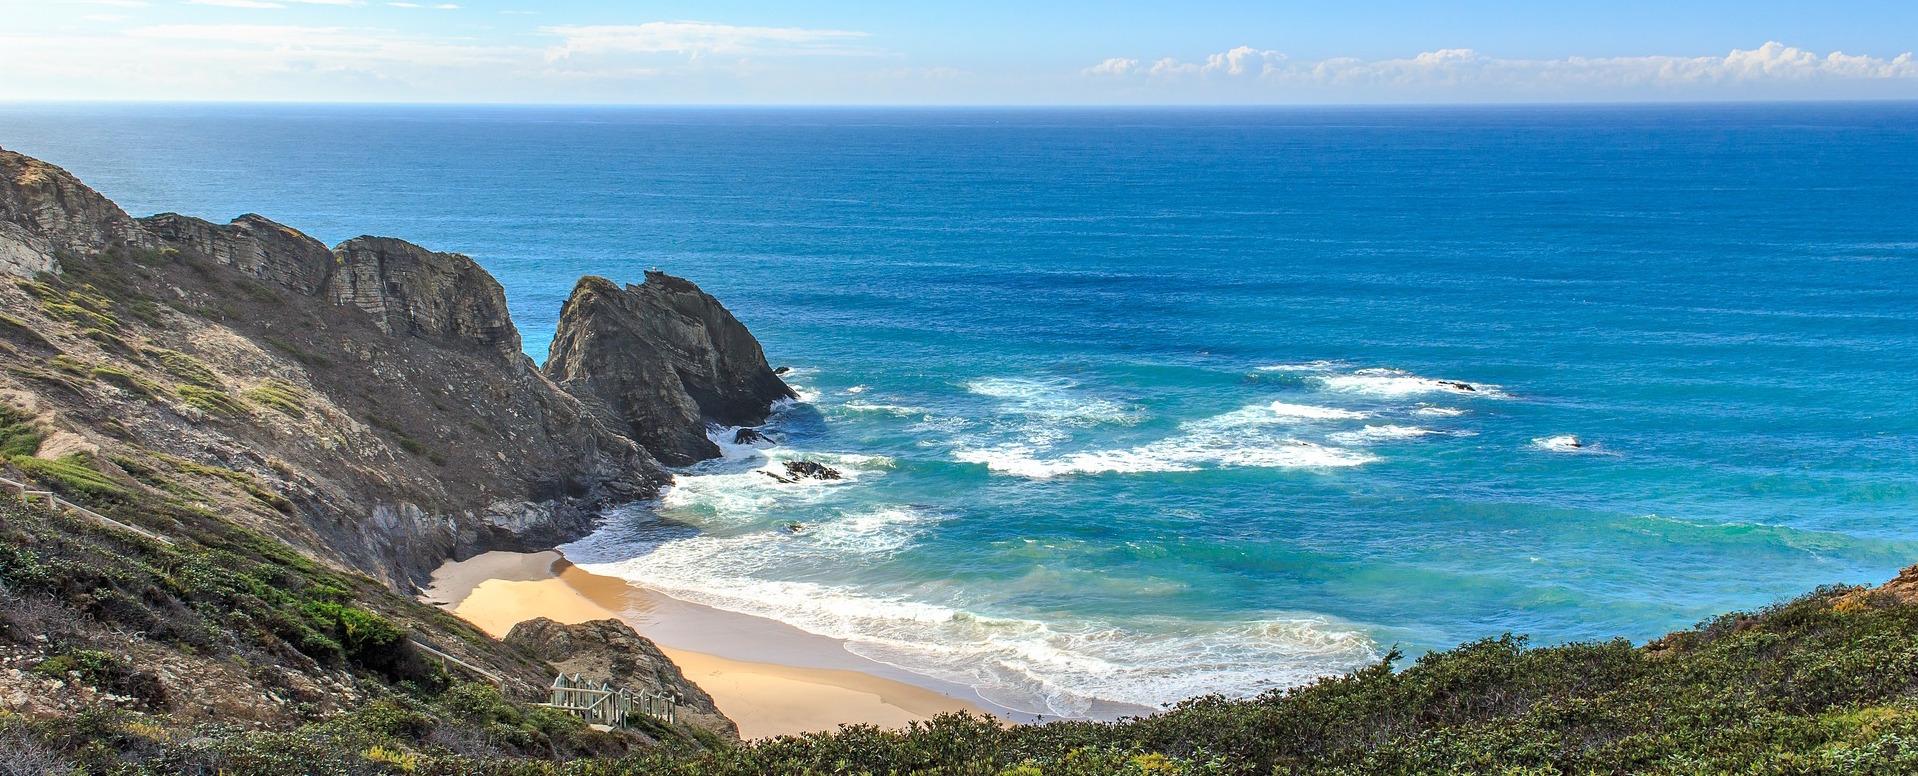 Les espaces naturels du Portugal - Portugal